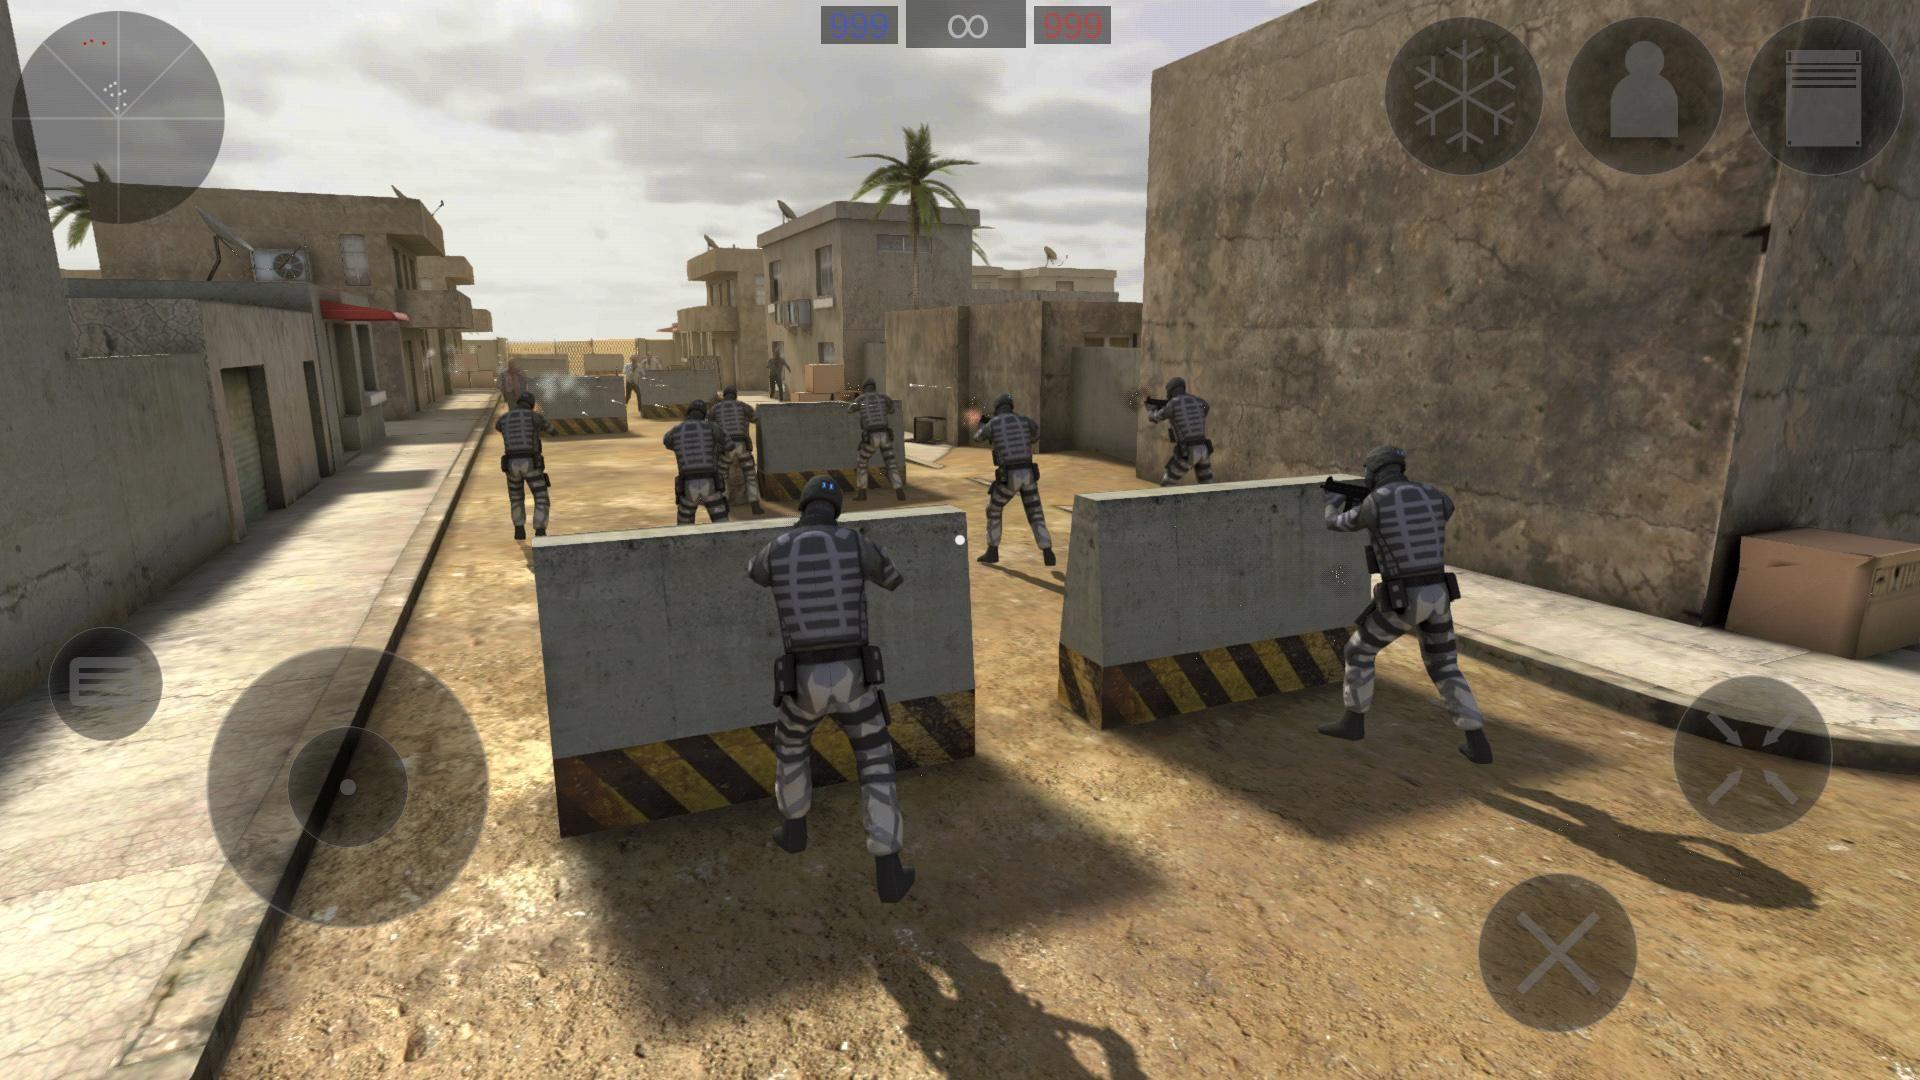 僵尸作战模拟 游戏截图4